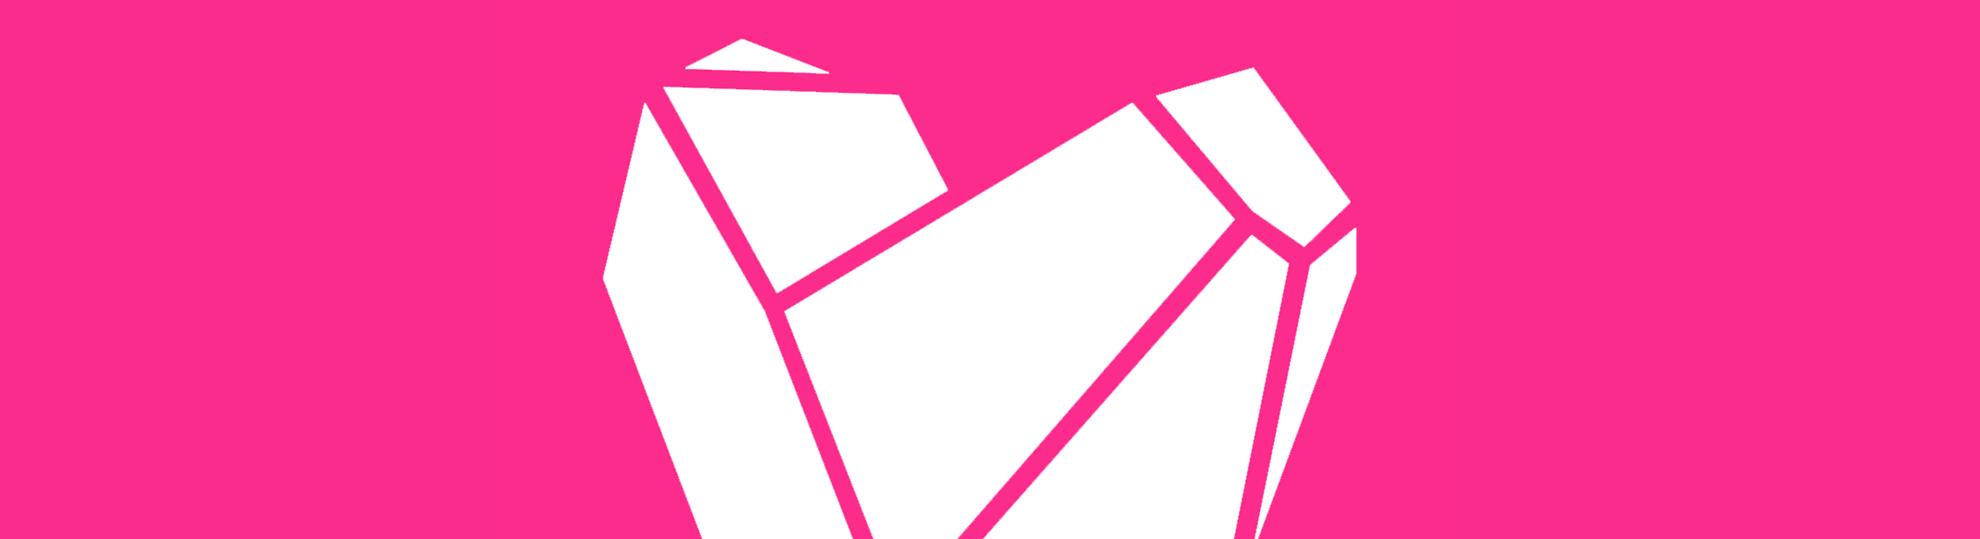 Love Cartón | Curso de diseño estructural con cartón para mobiliario e interiorismo